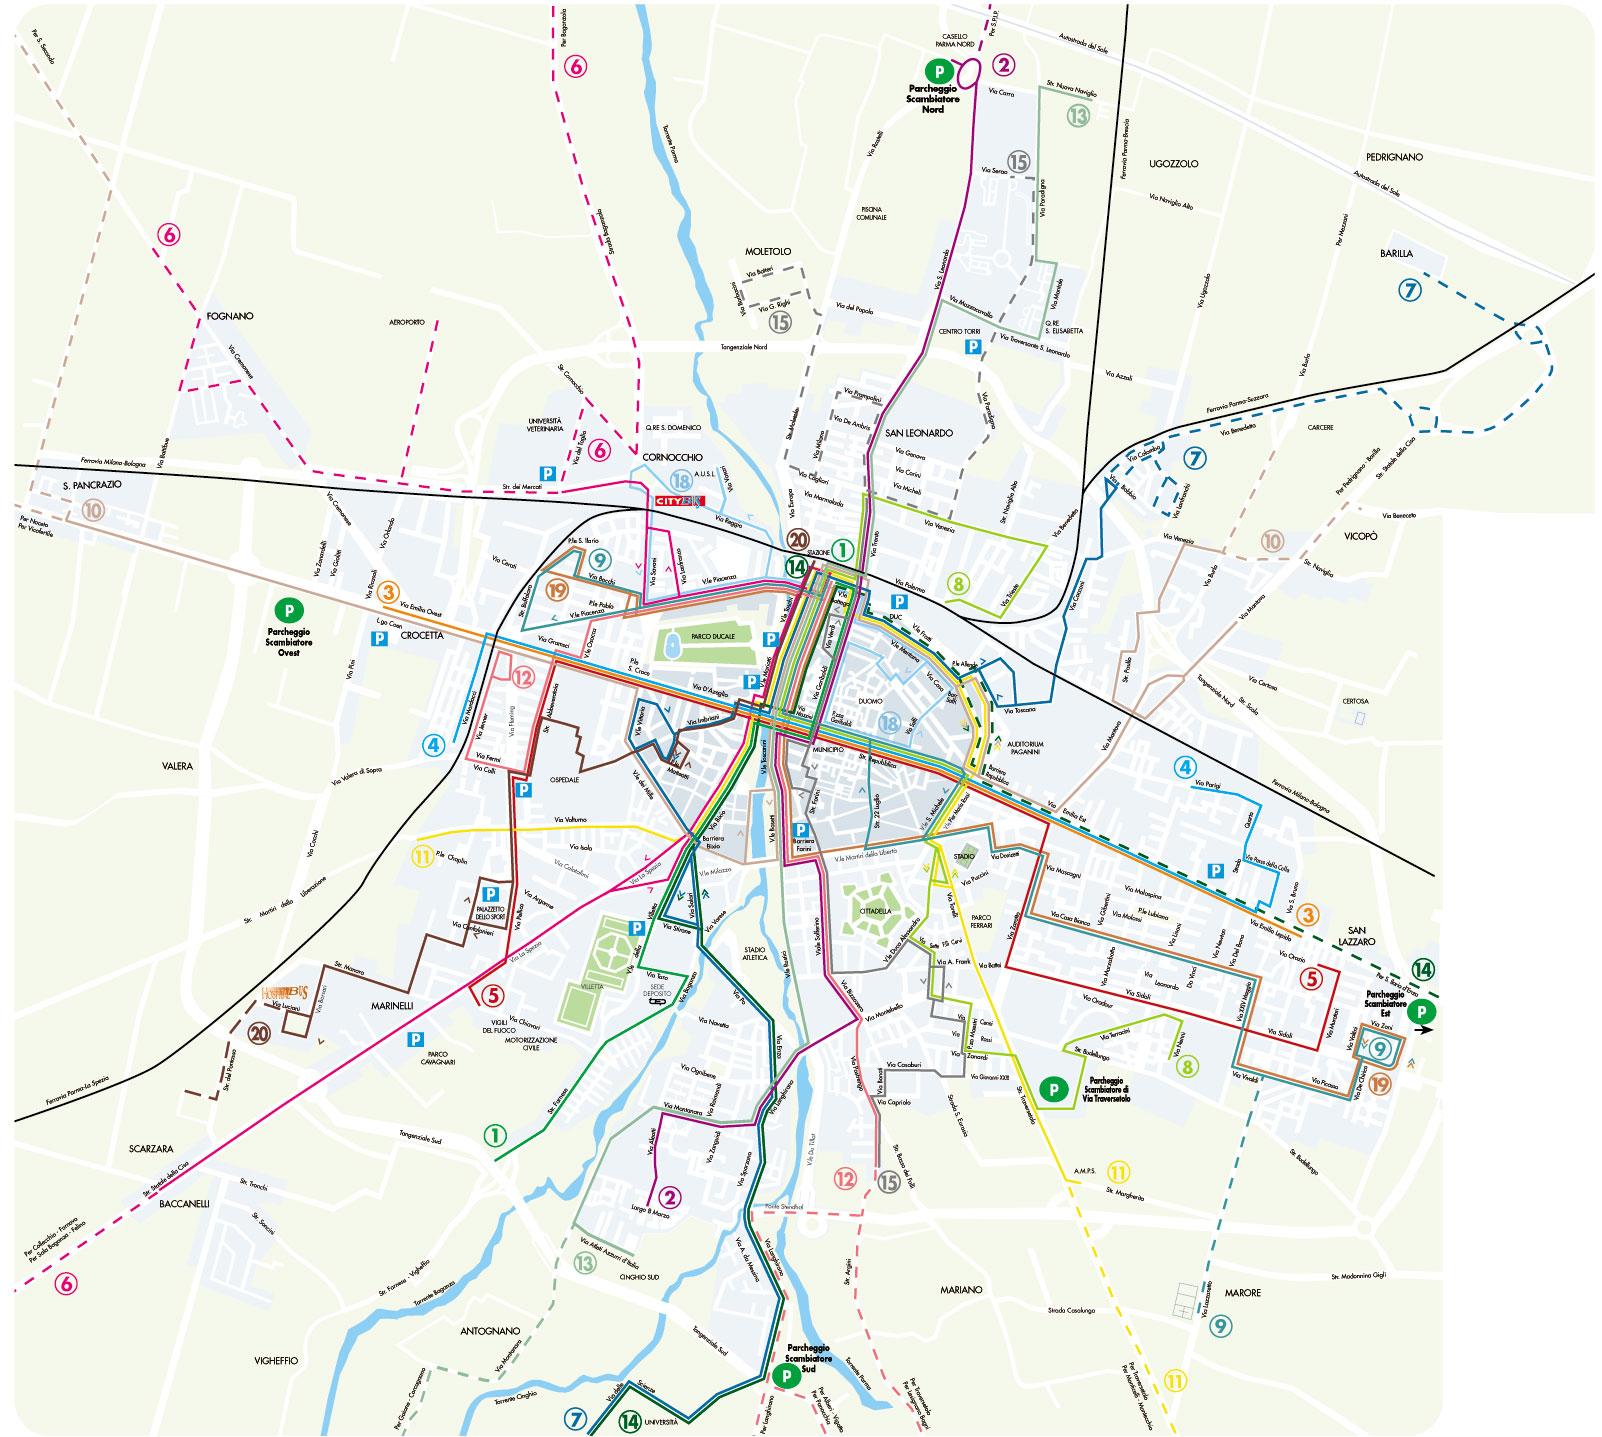 Parma Italy • mappery